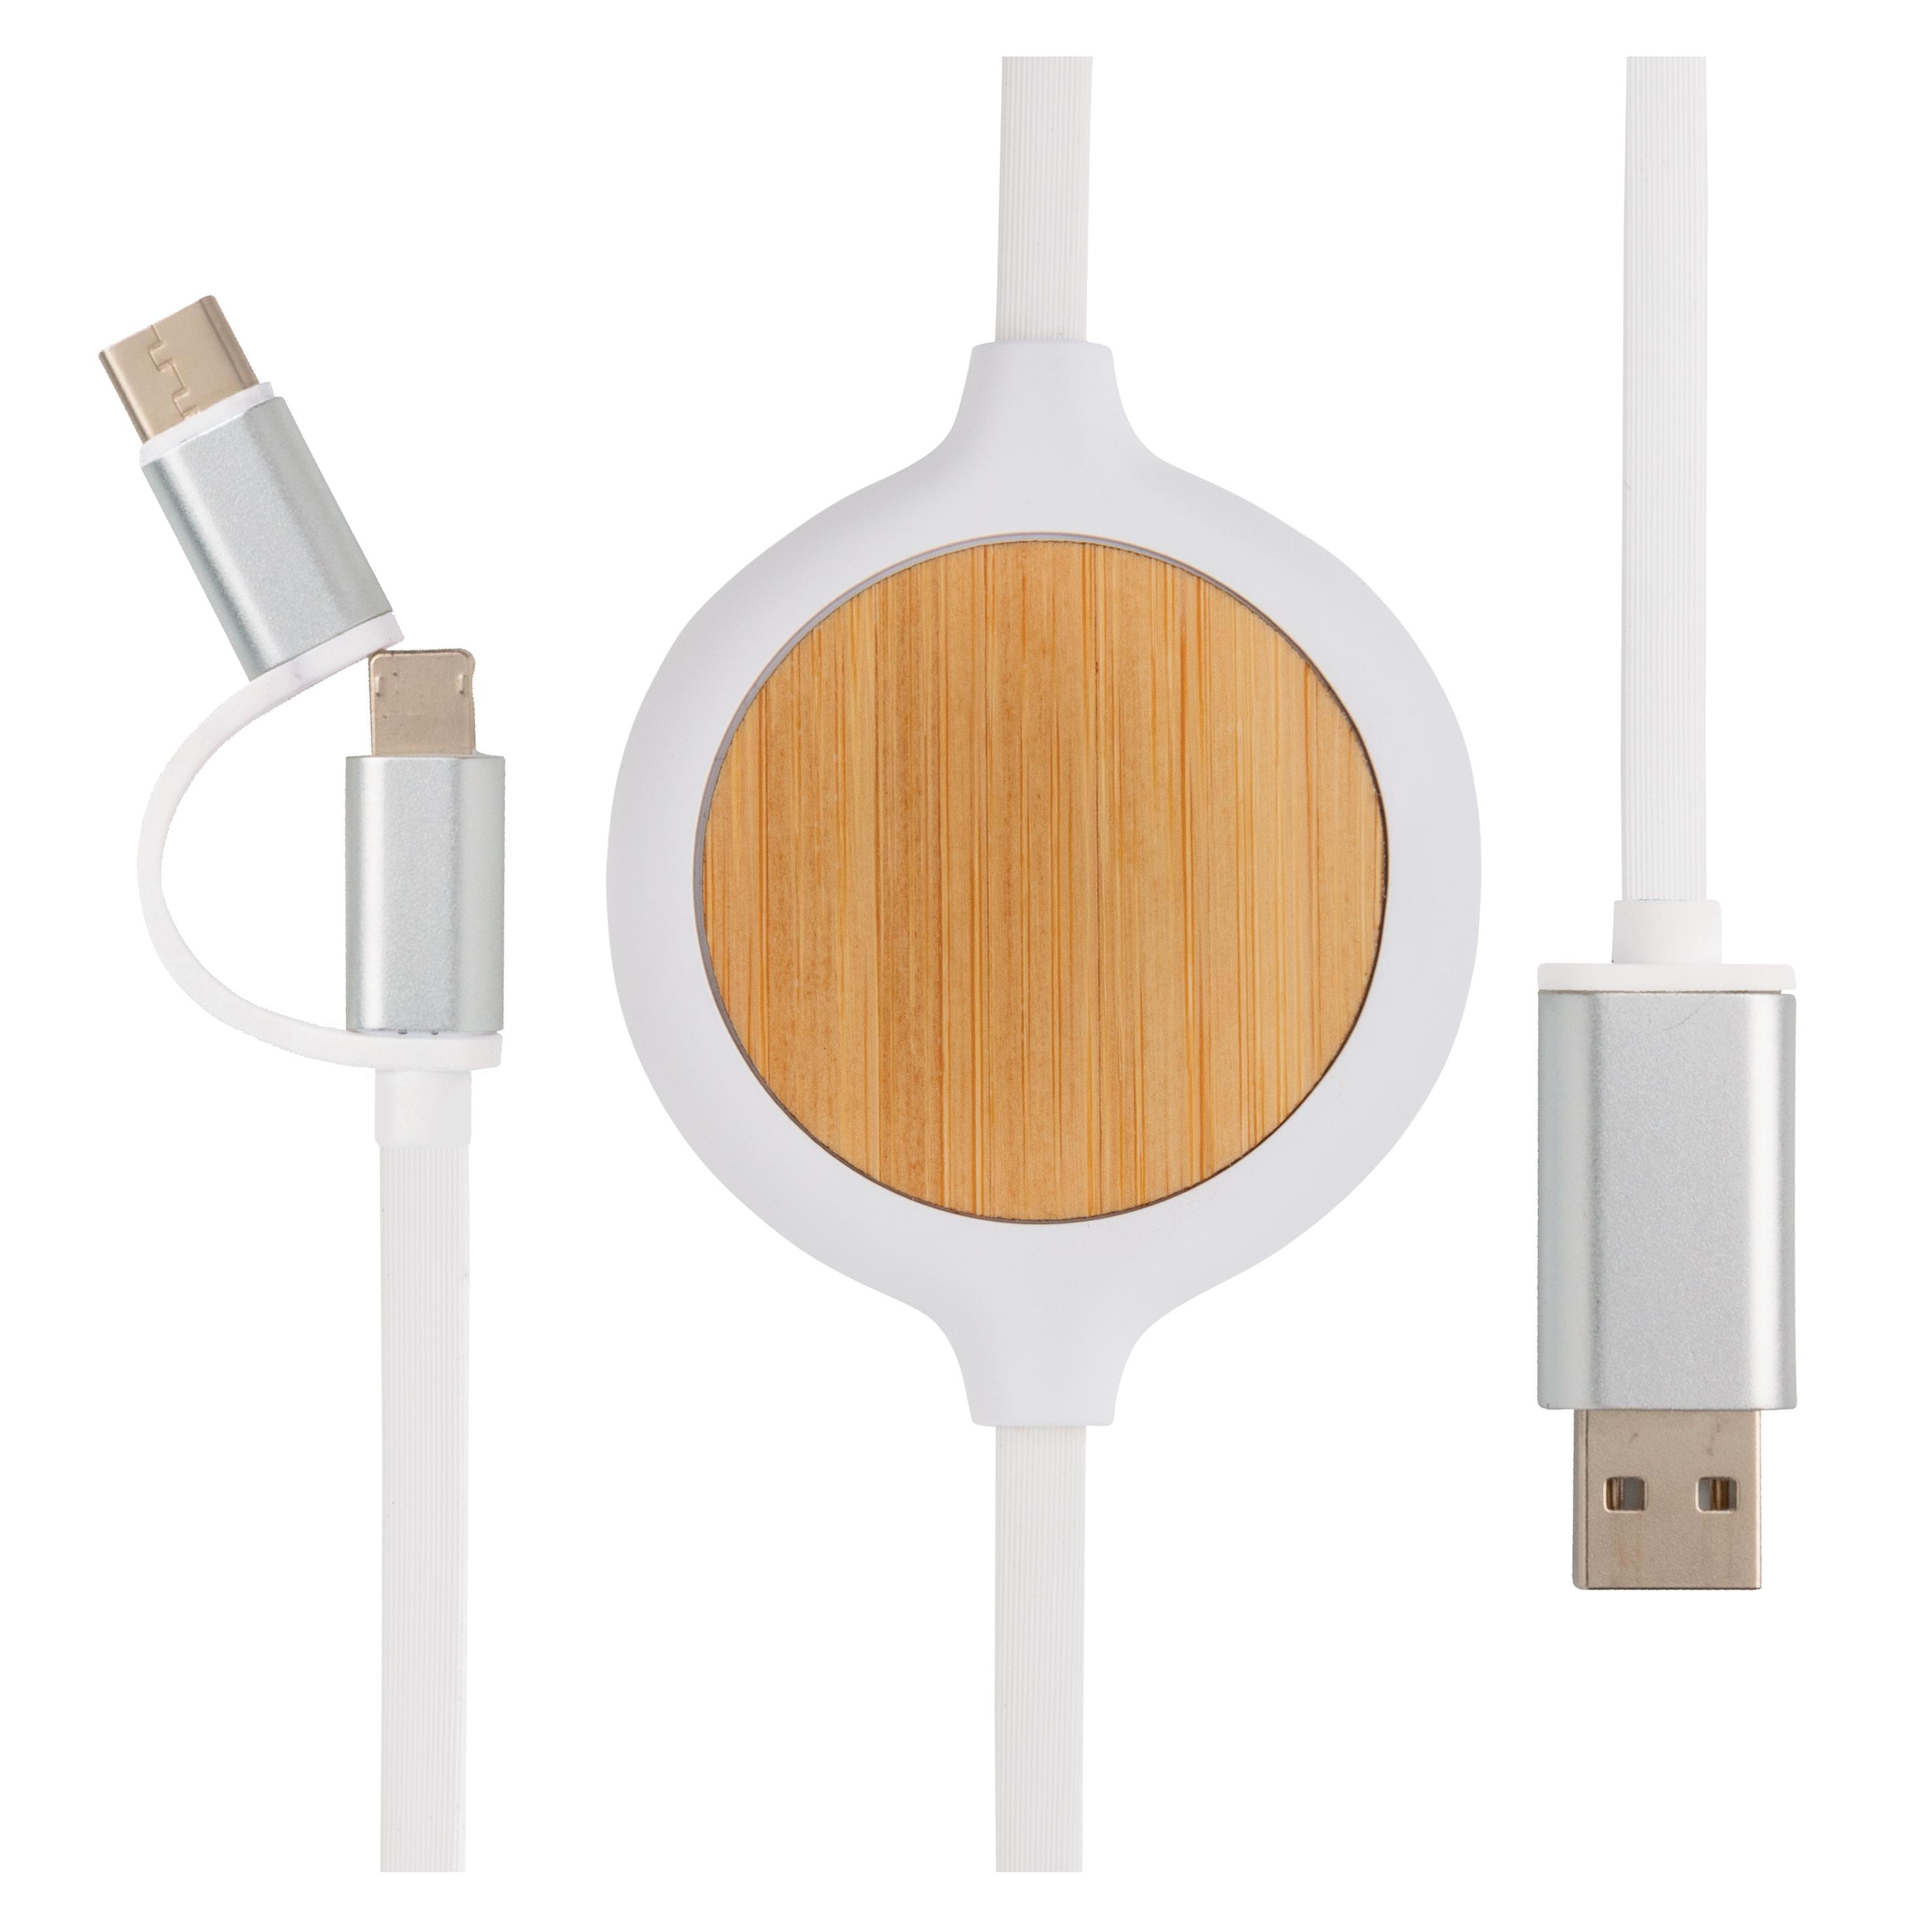 Câble 3-en-1 avec chargeur sans fil en Bambou 5W